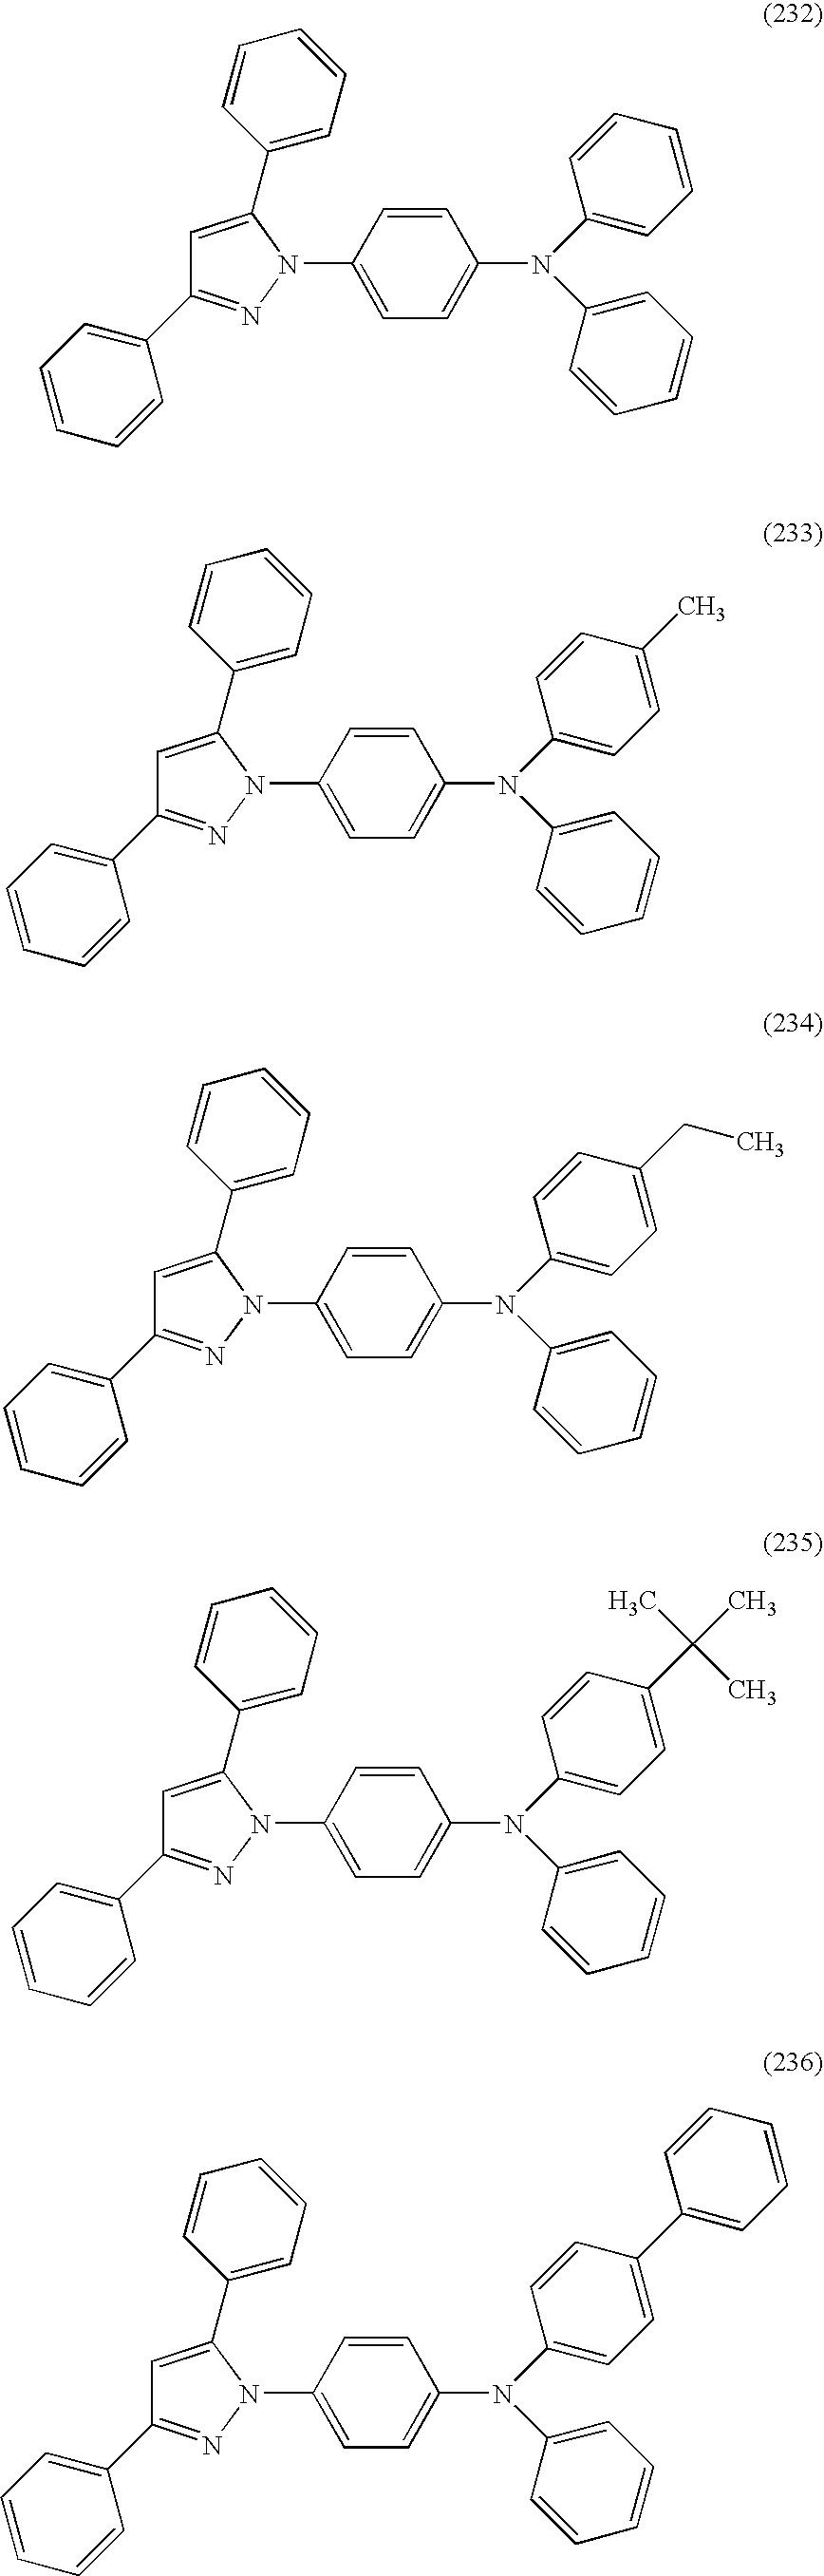 Figure US08551625-20131008-C00079